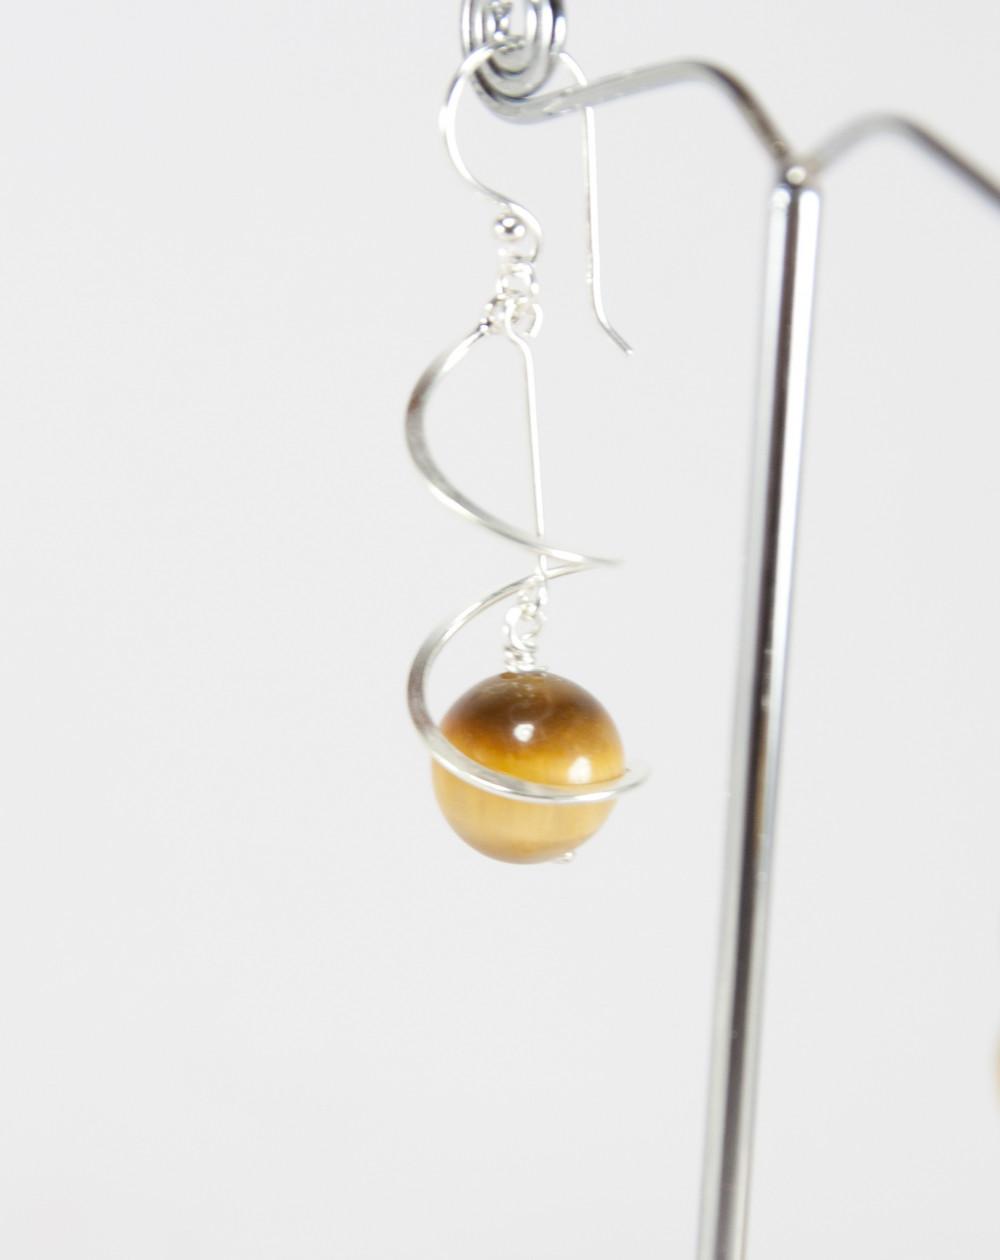 Boucles d'oreilles torsade en Oeil de tigre jaune, Sanuk Création, Bayonne